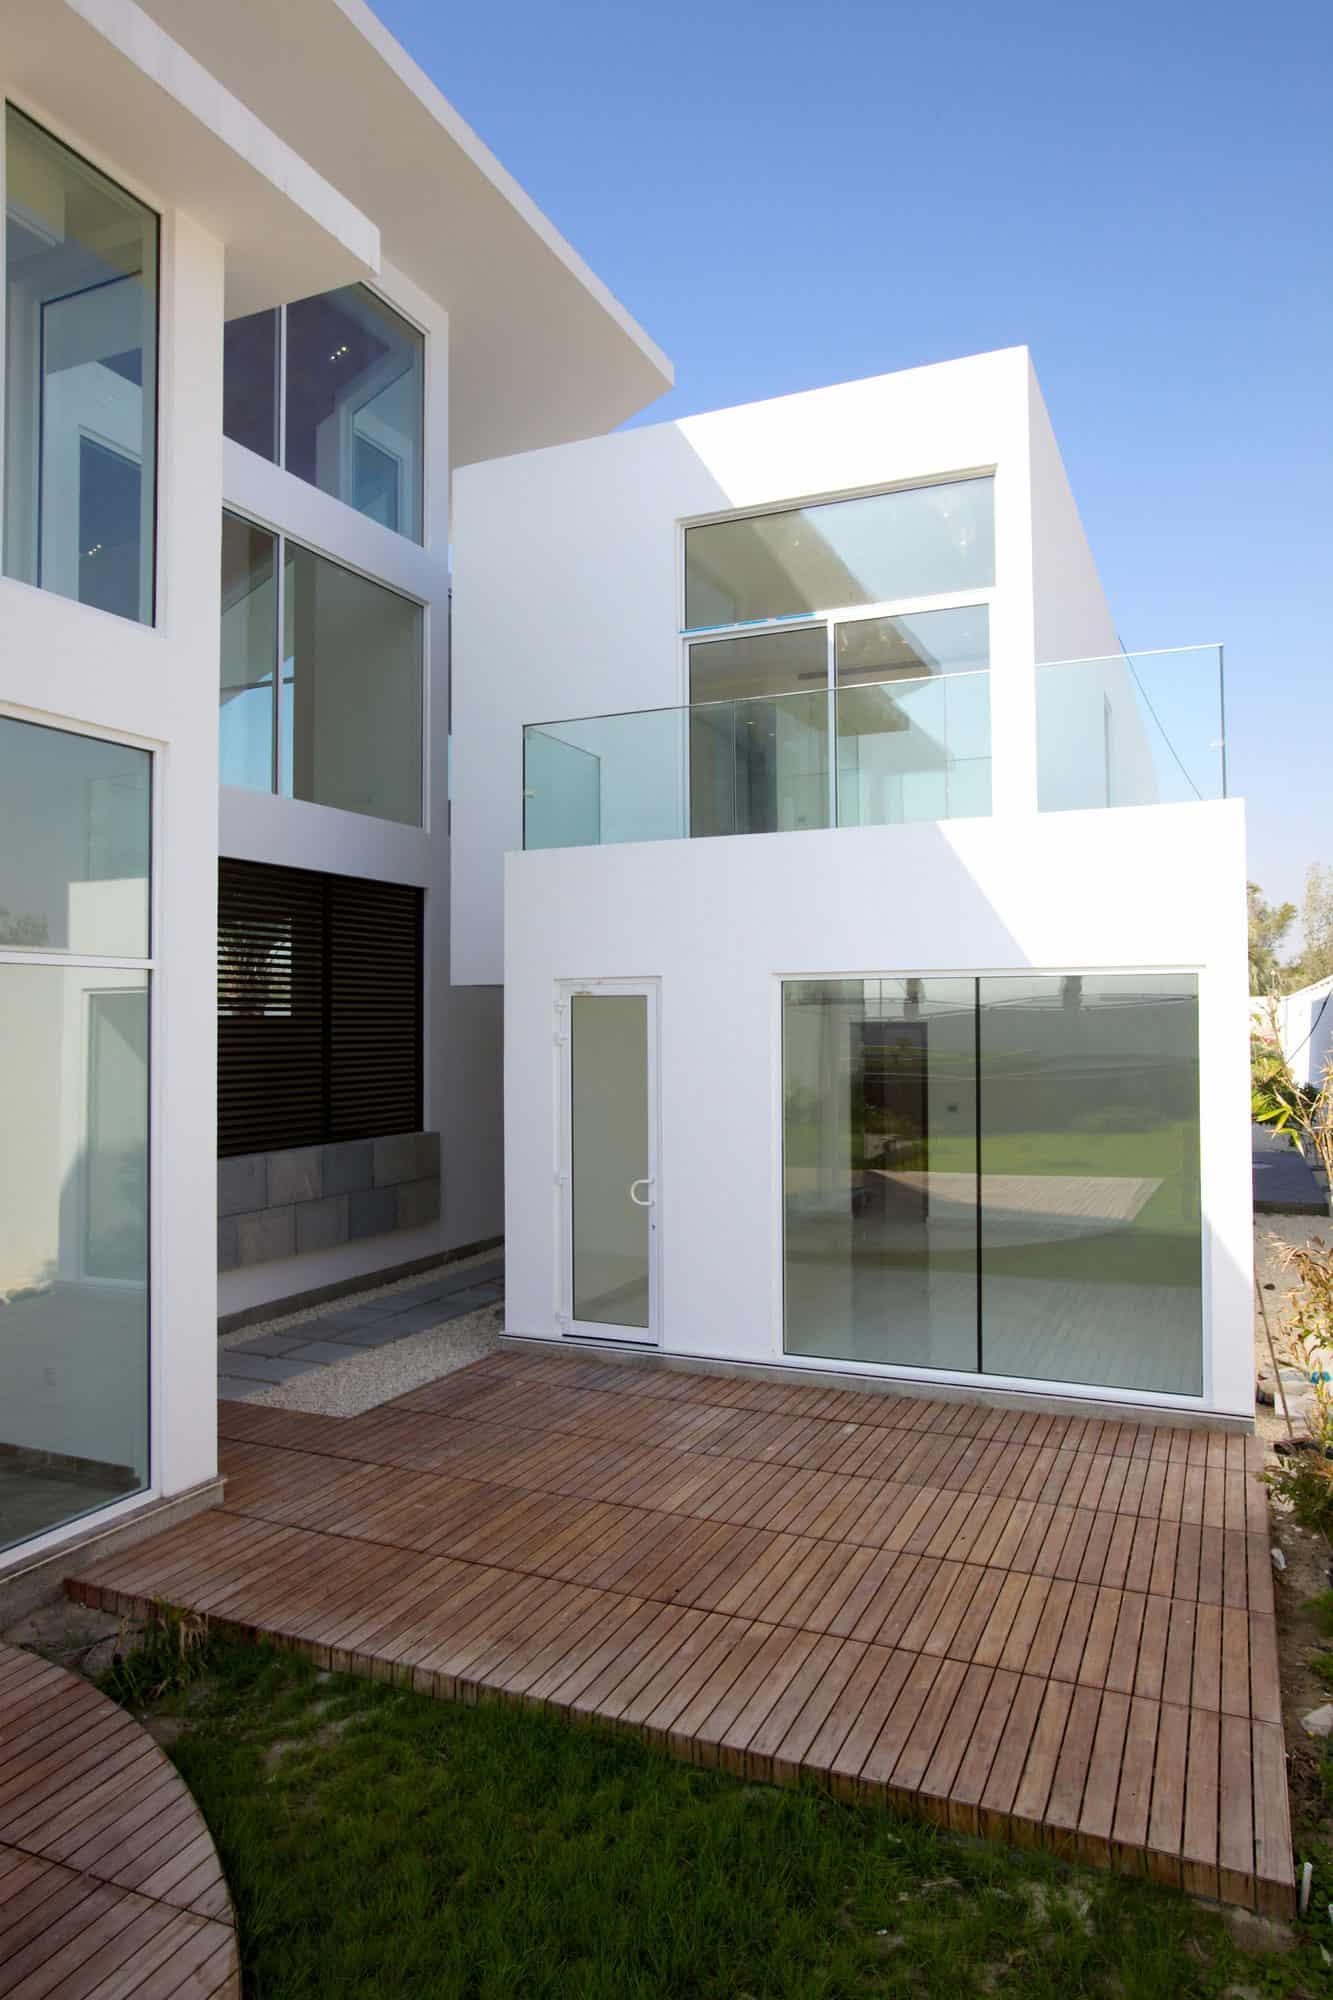 Bahrain House by MORIQ (7)